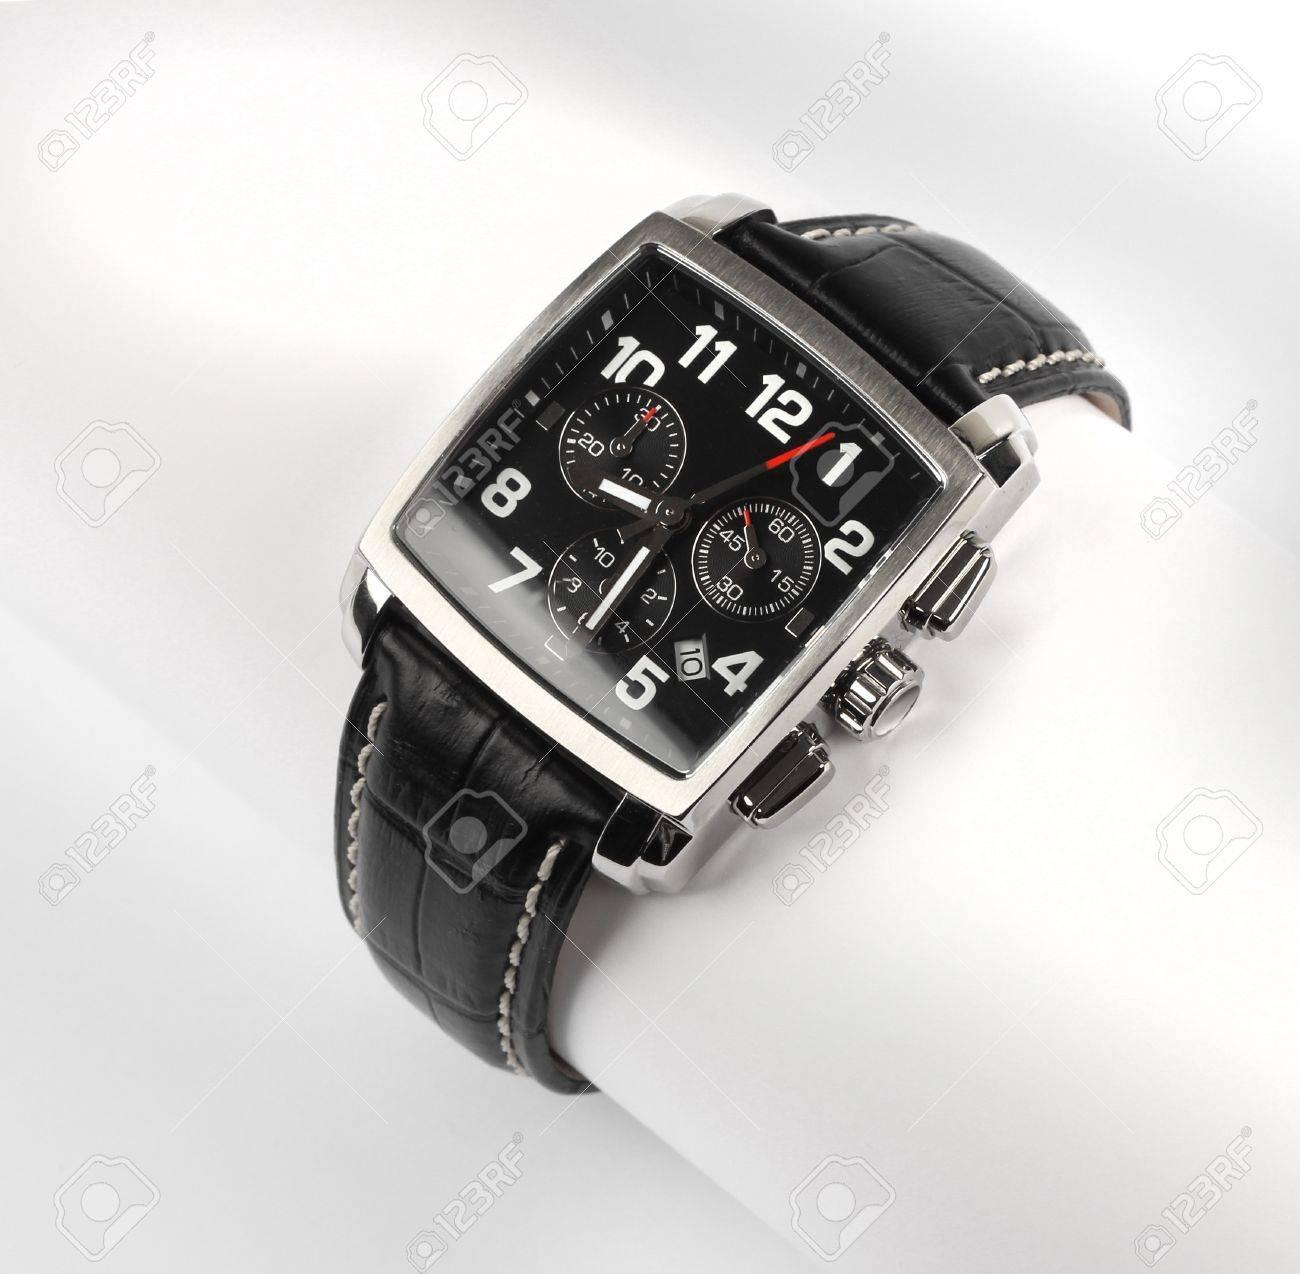 reloj hombre moderno